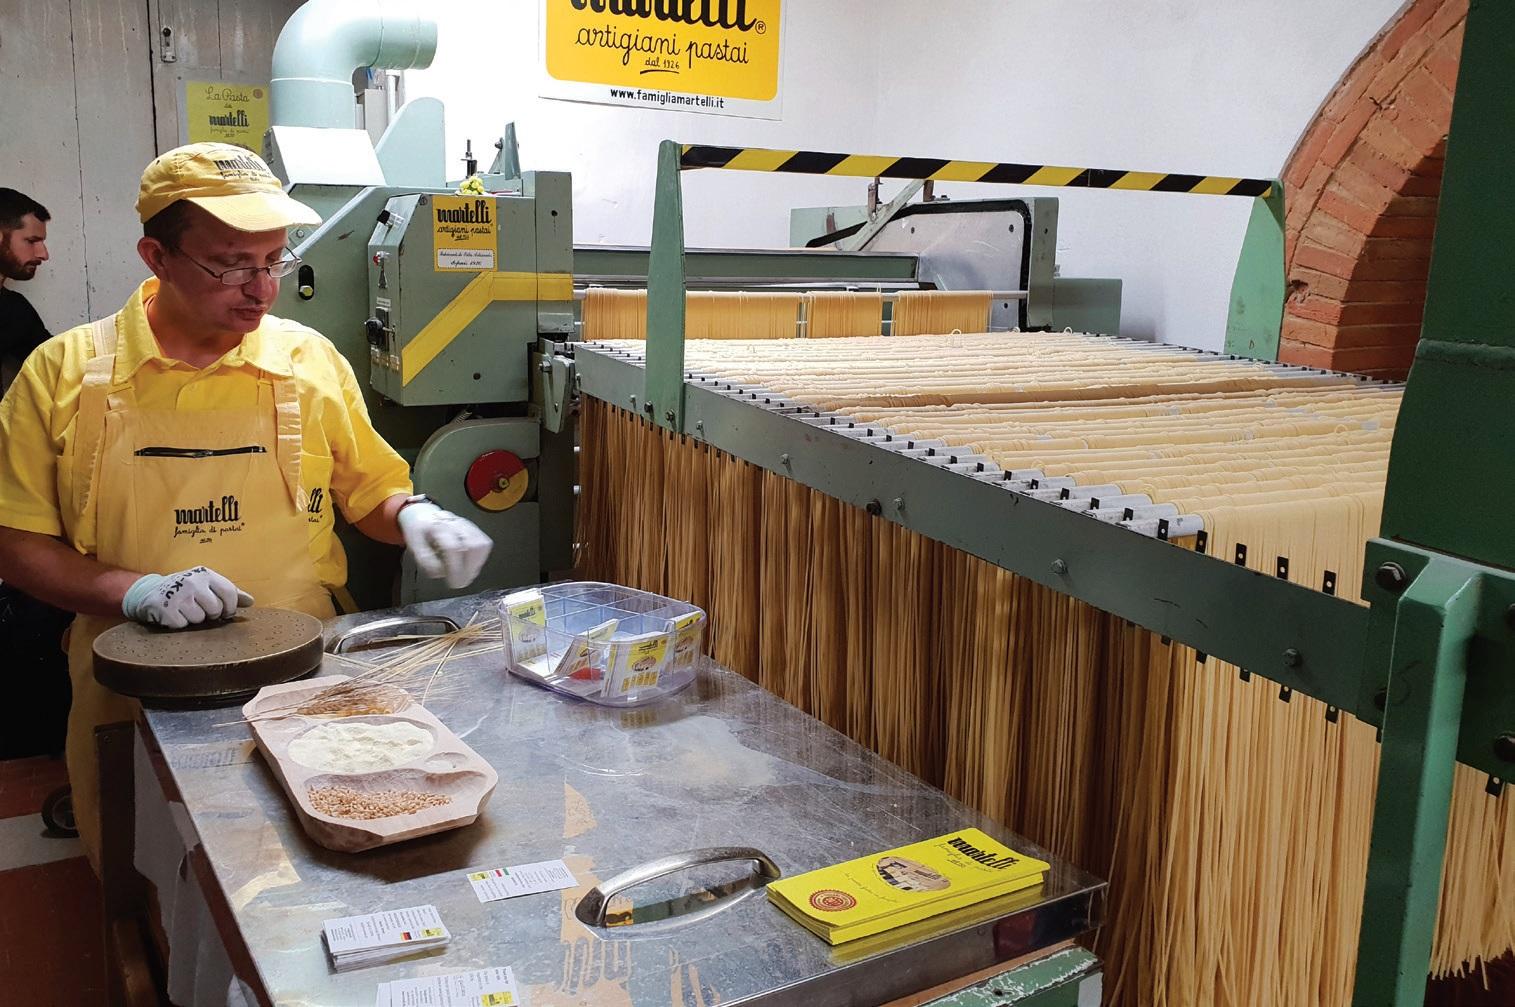 Per šimtmetį visiškai nepasikeitė Martelli šeimos makaronų gamyba